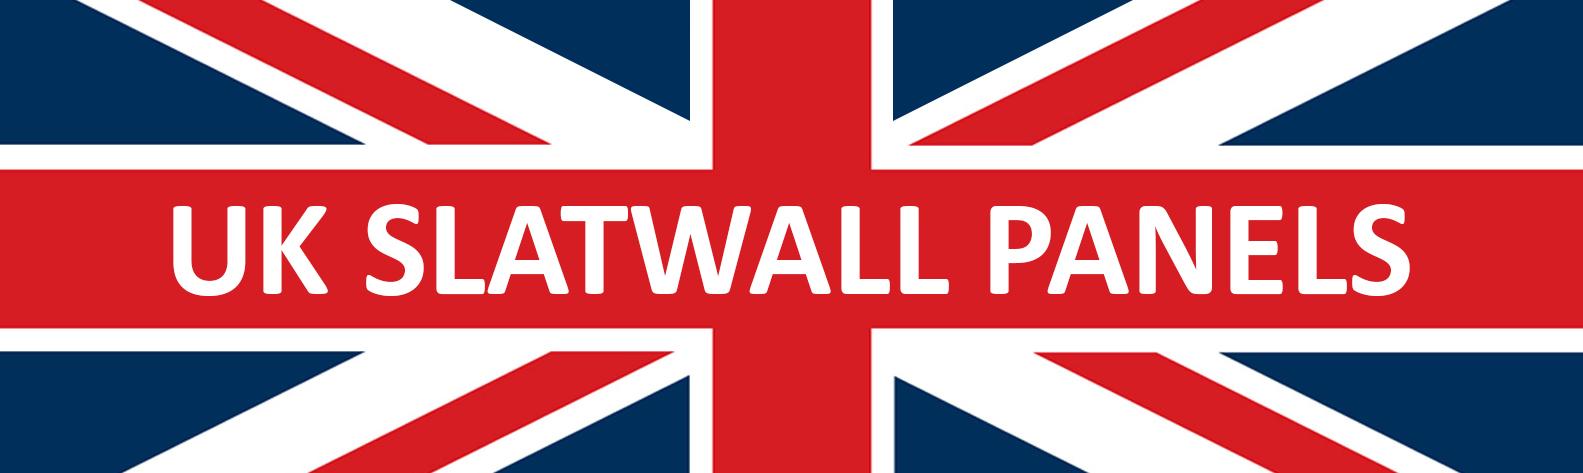 UK Slatwall Panels - 8ft Slatwall